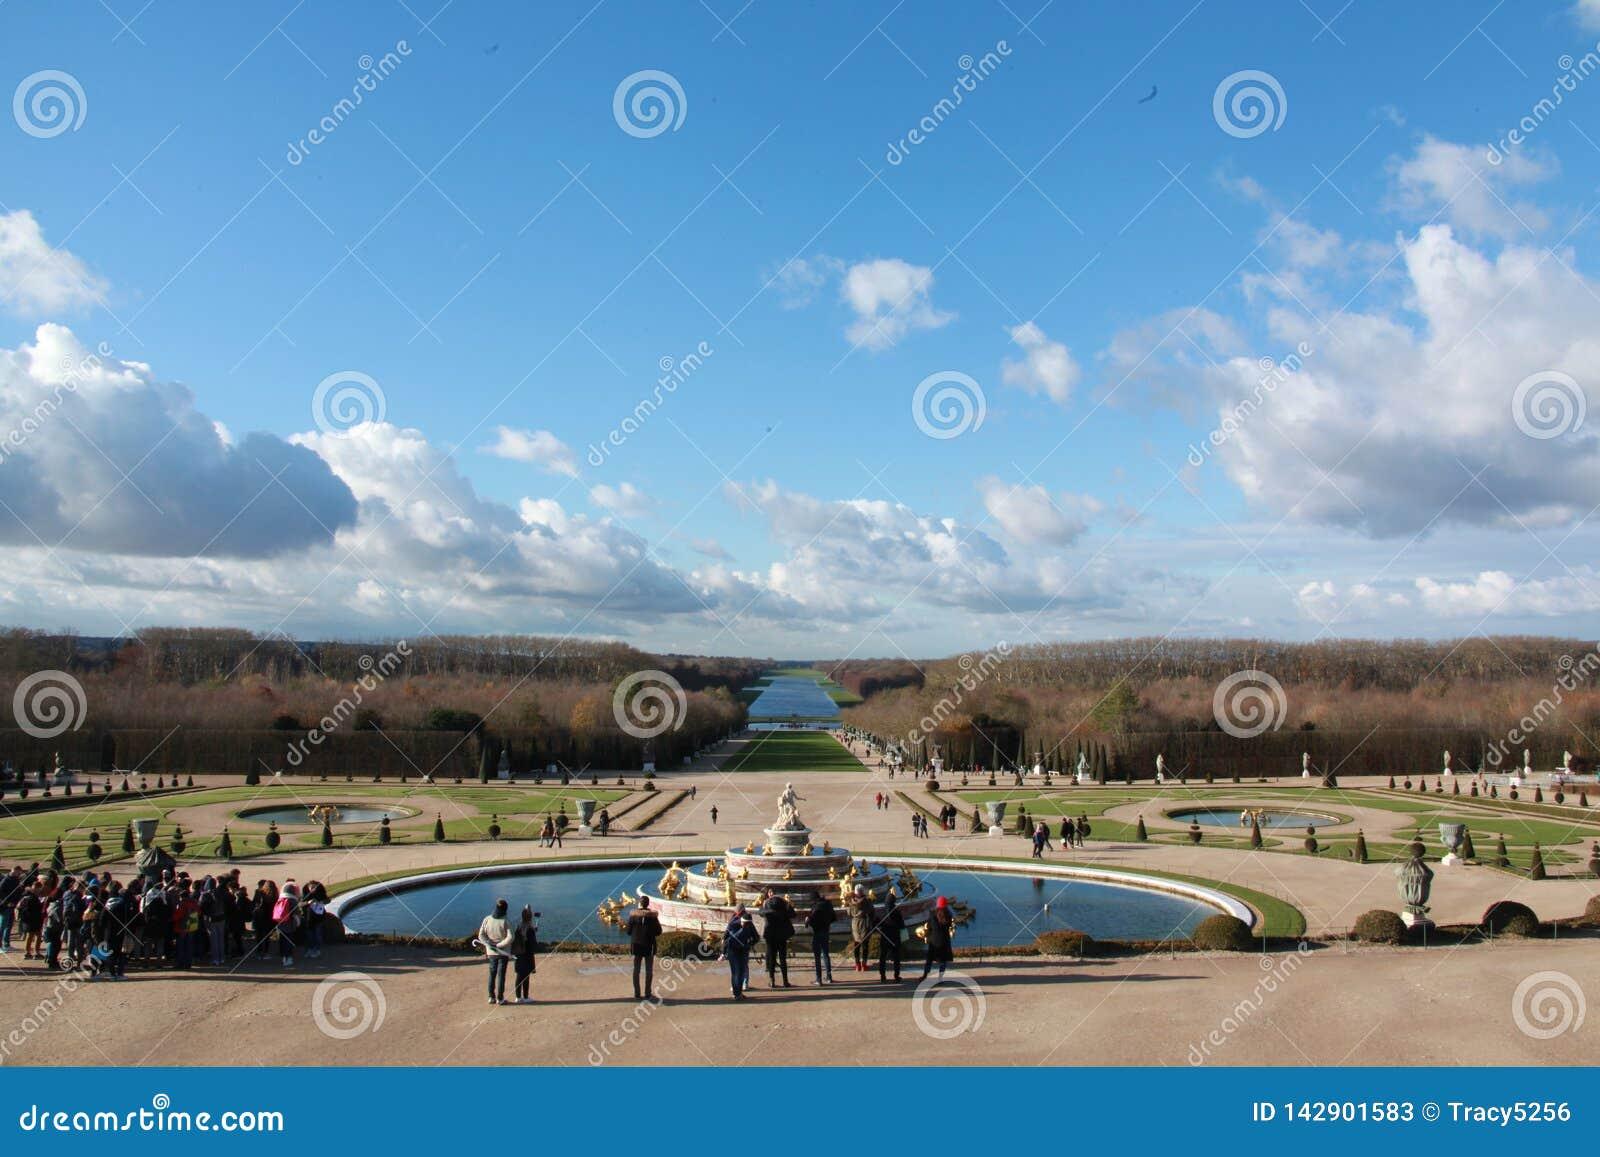 Garten des Palastes von Versailles, im Winter